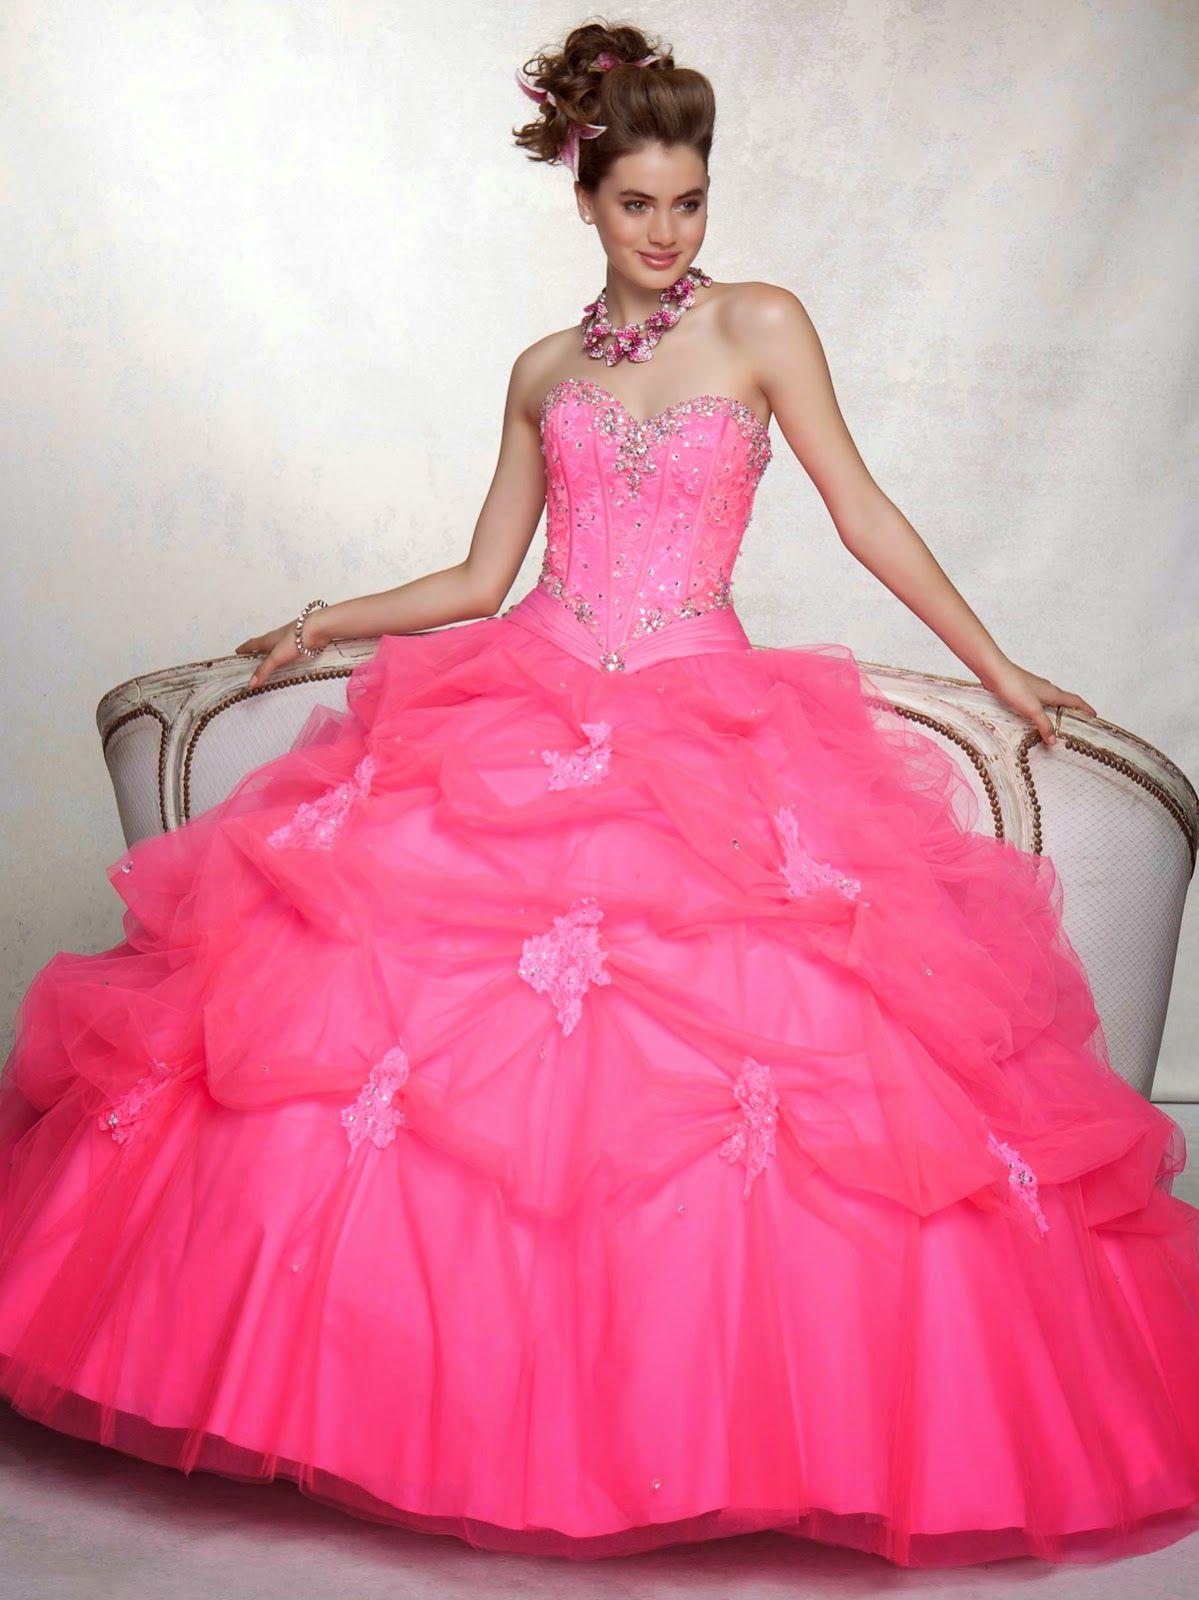 Exclusivos vestidos de 15 años | Colección fiesta | bodas y 15 años ...